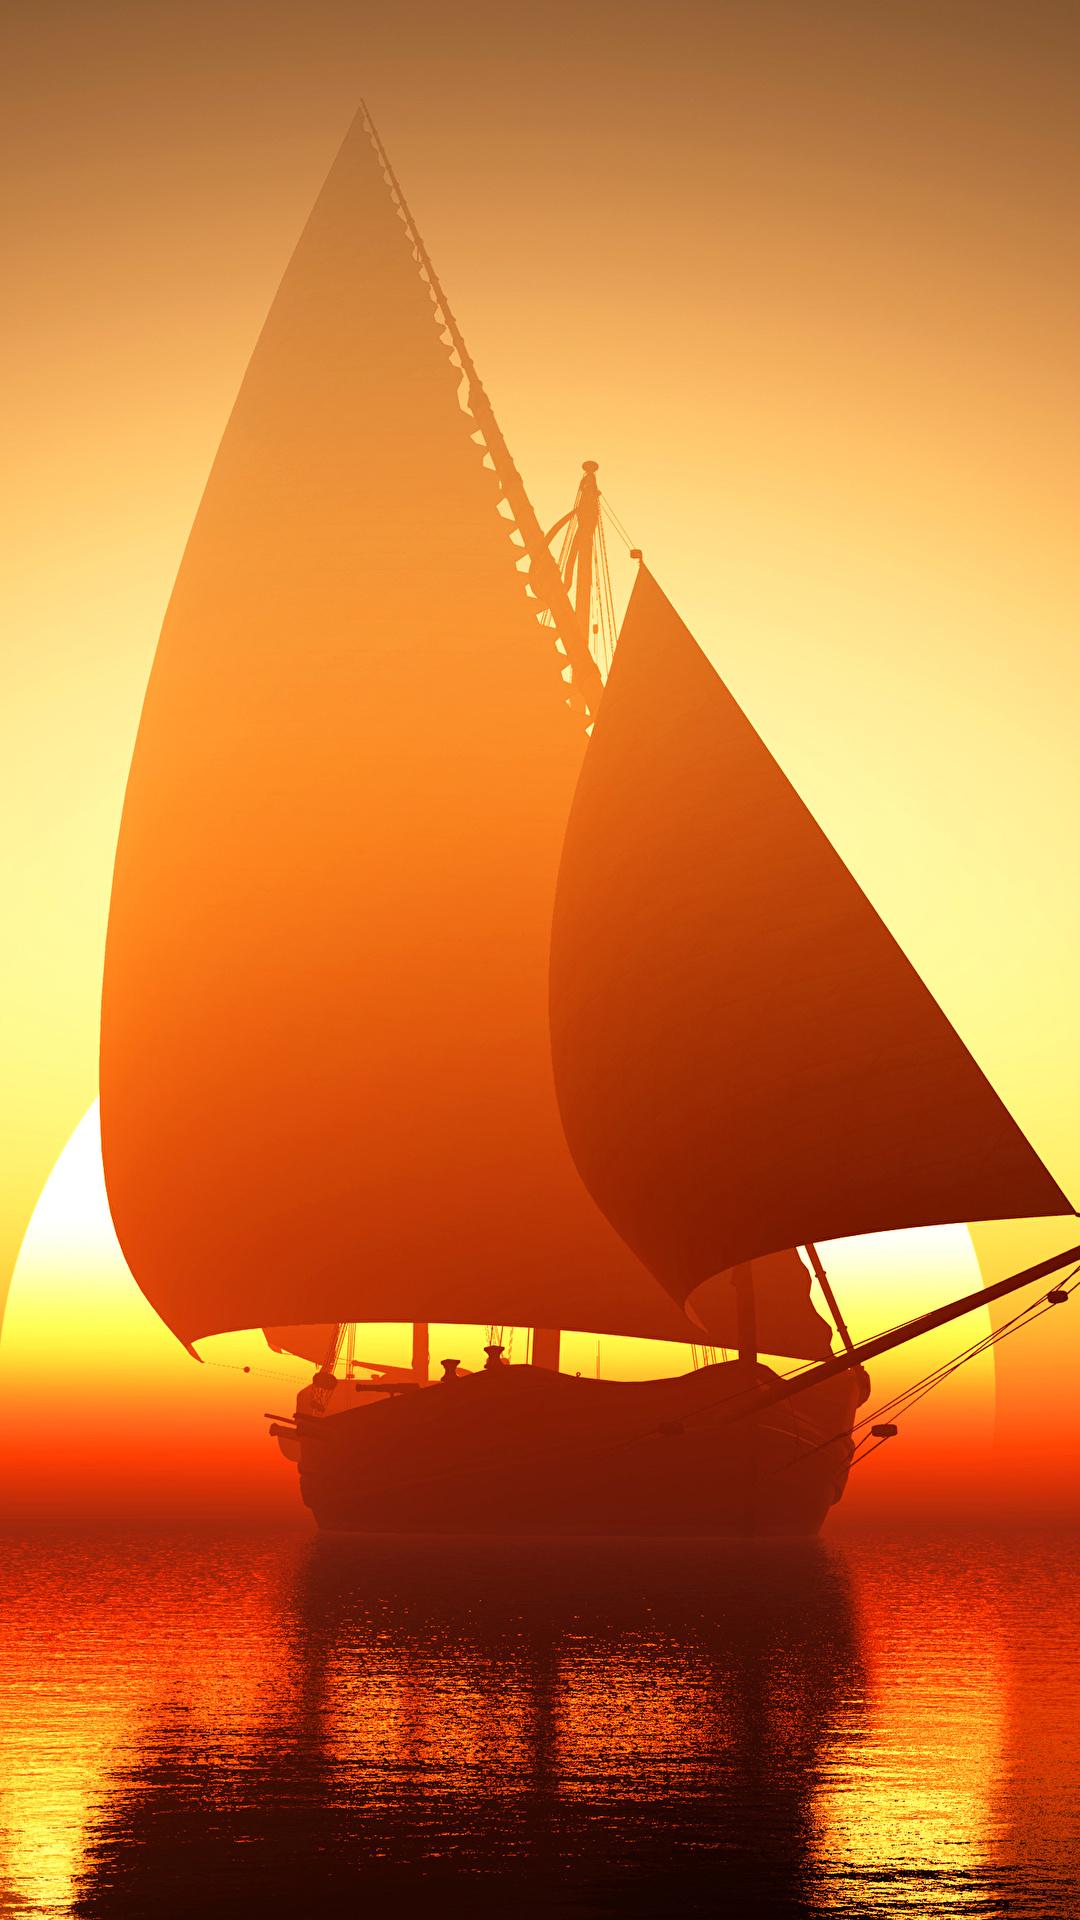 Fotos Meer Sonne Schiffe spiegelt Sonnenaufgänge und Sonnenuntergänge Segeln 1080x1920 Reflexion Spiegelung Spiegelbild